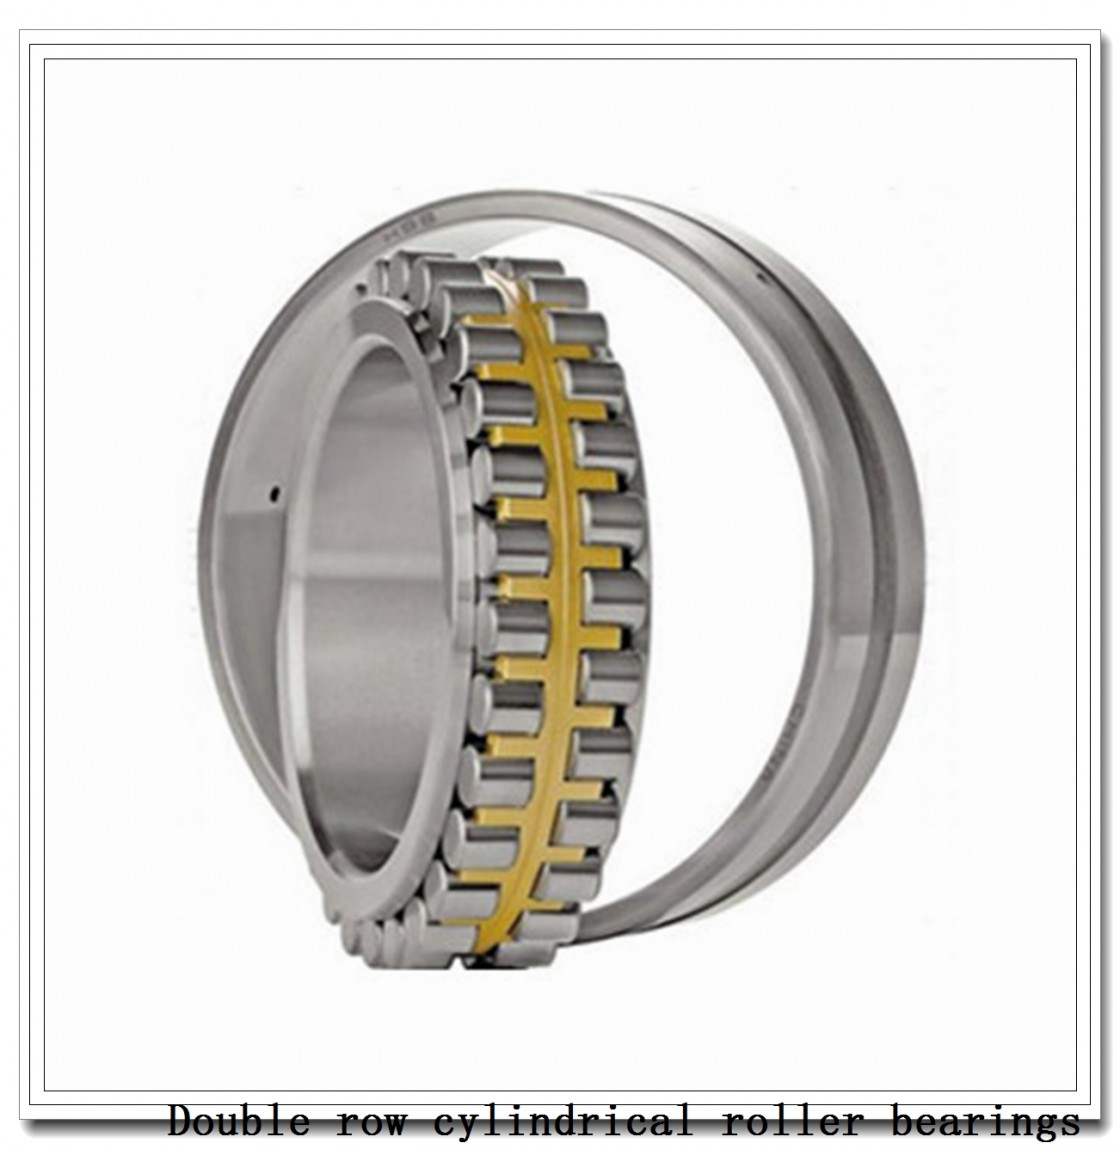 NN3176 Double row cylindrical roller bearings